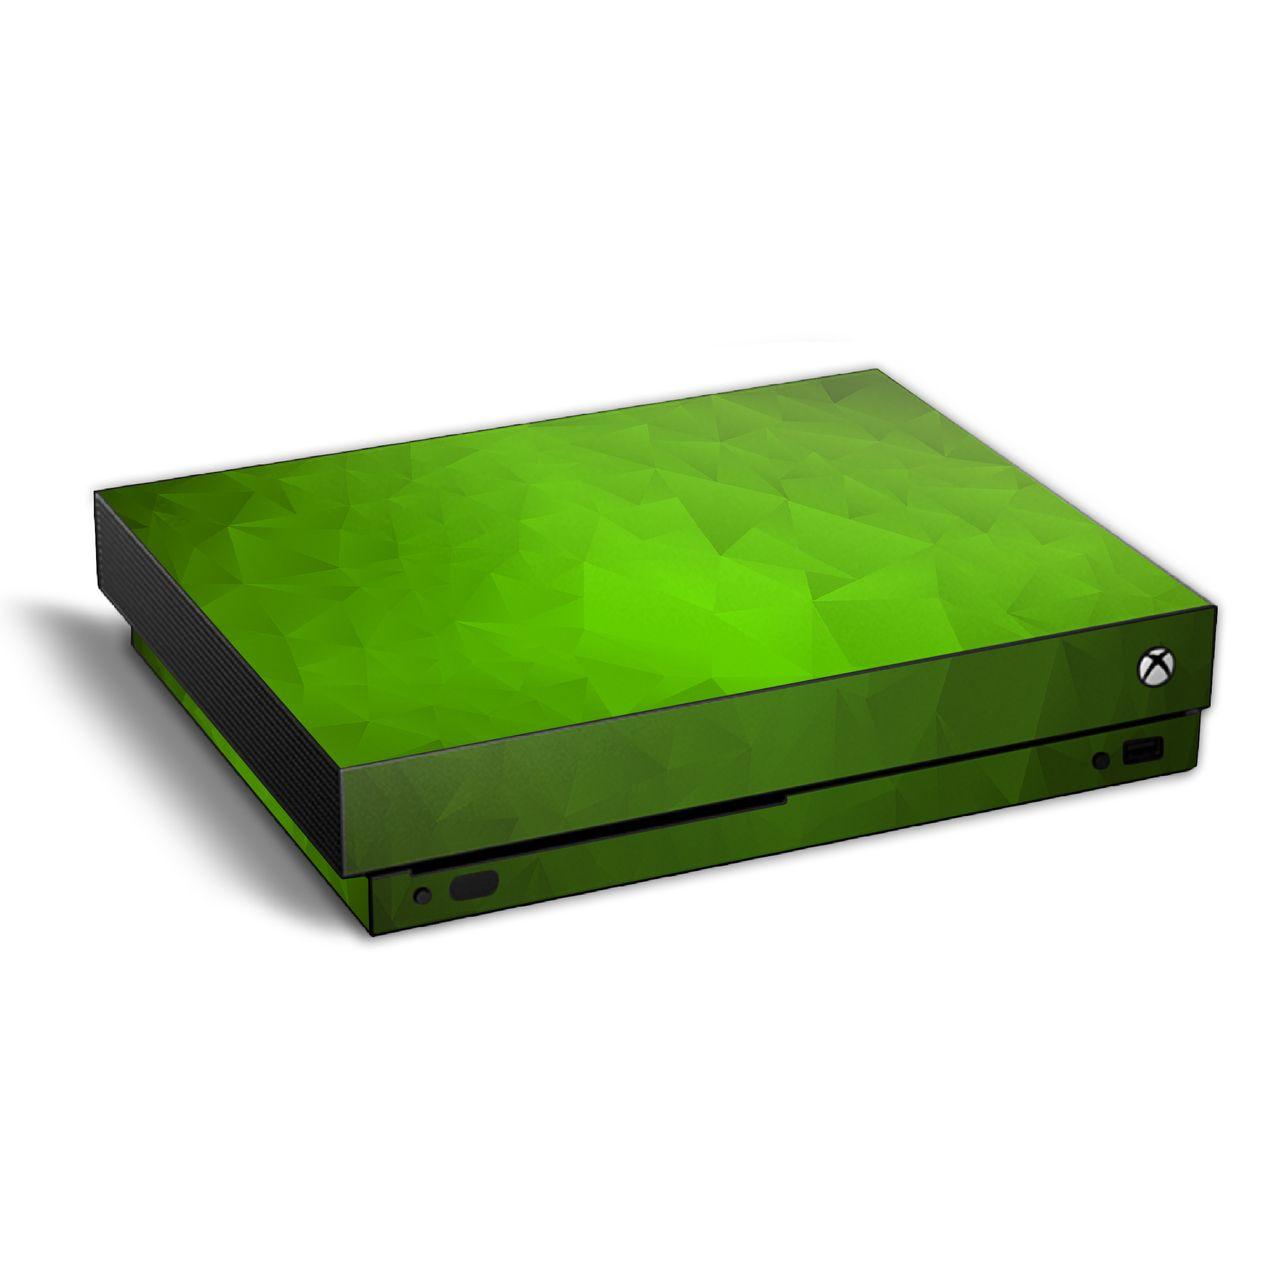 Будущее консолей - Перезагрузка эпохи, PlayStation X и другие . - Изображение 7